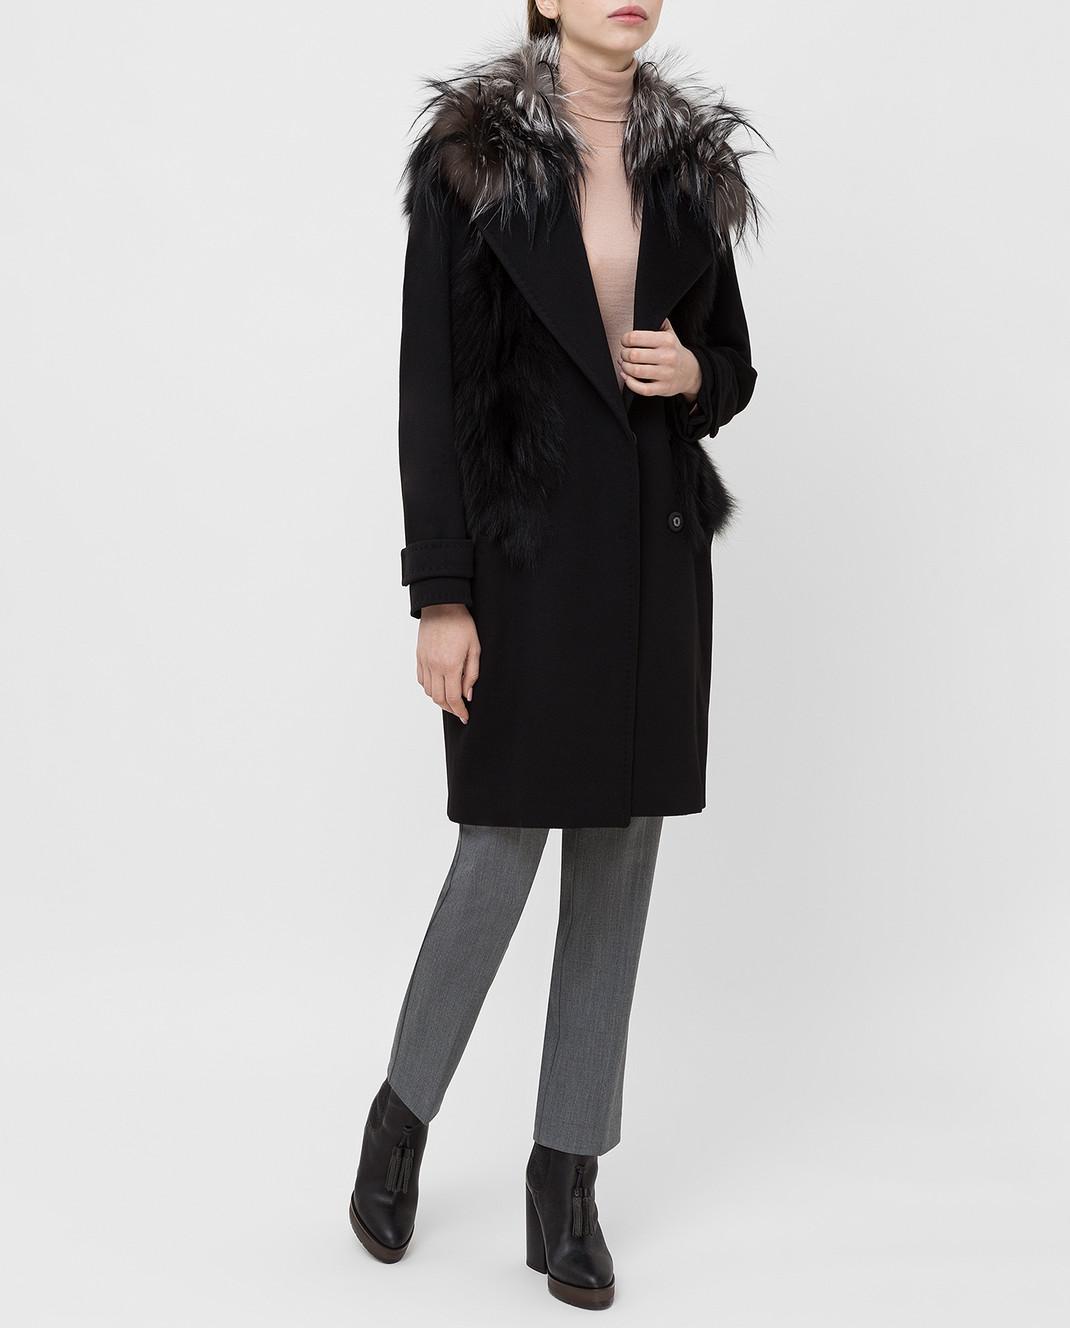 Giuliana Teso Черное пальто из шерсти и кашемира с мехом лисы 64C6060 изображение 2